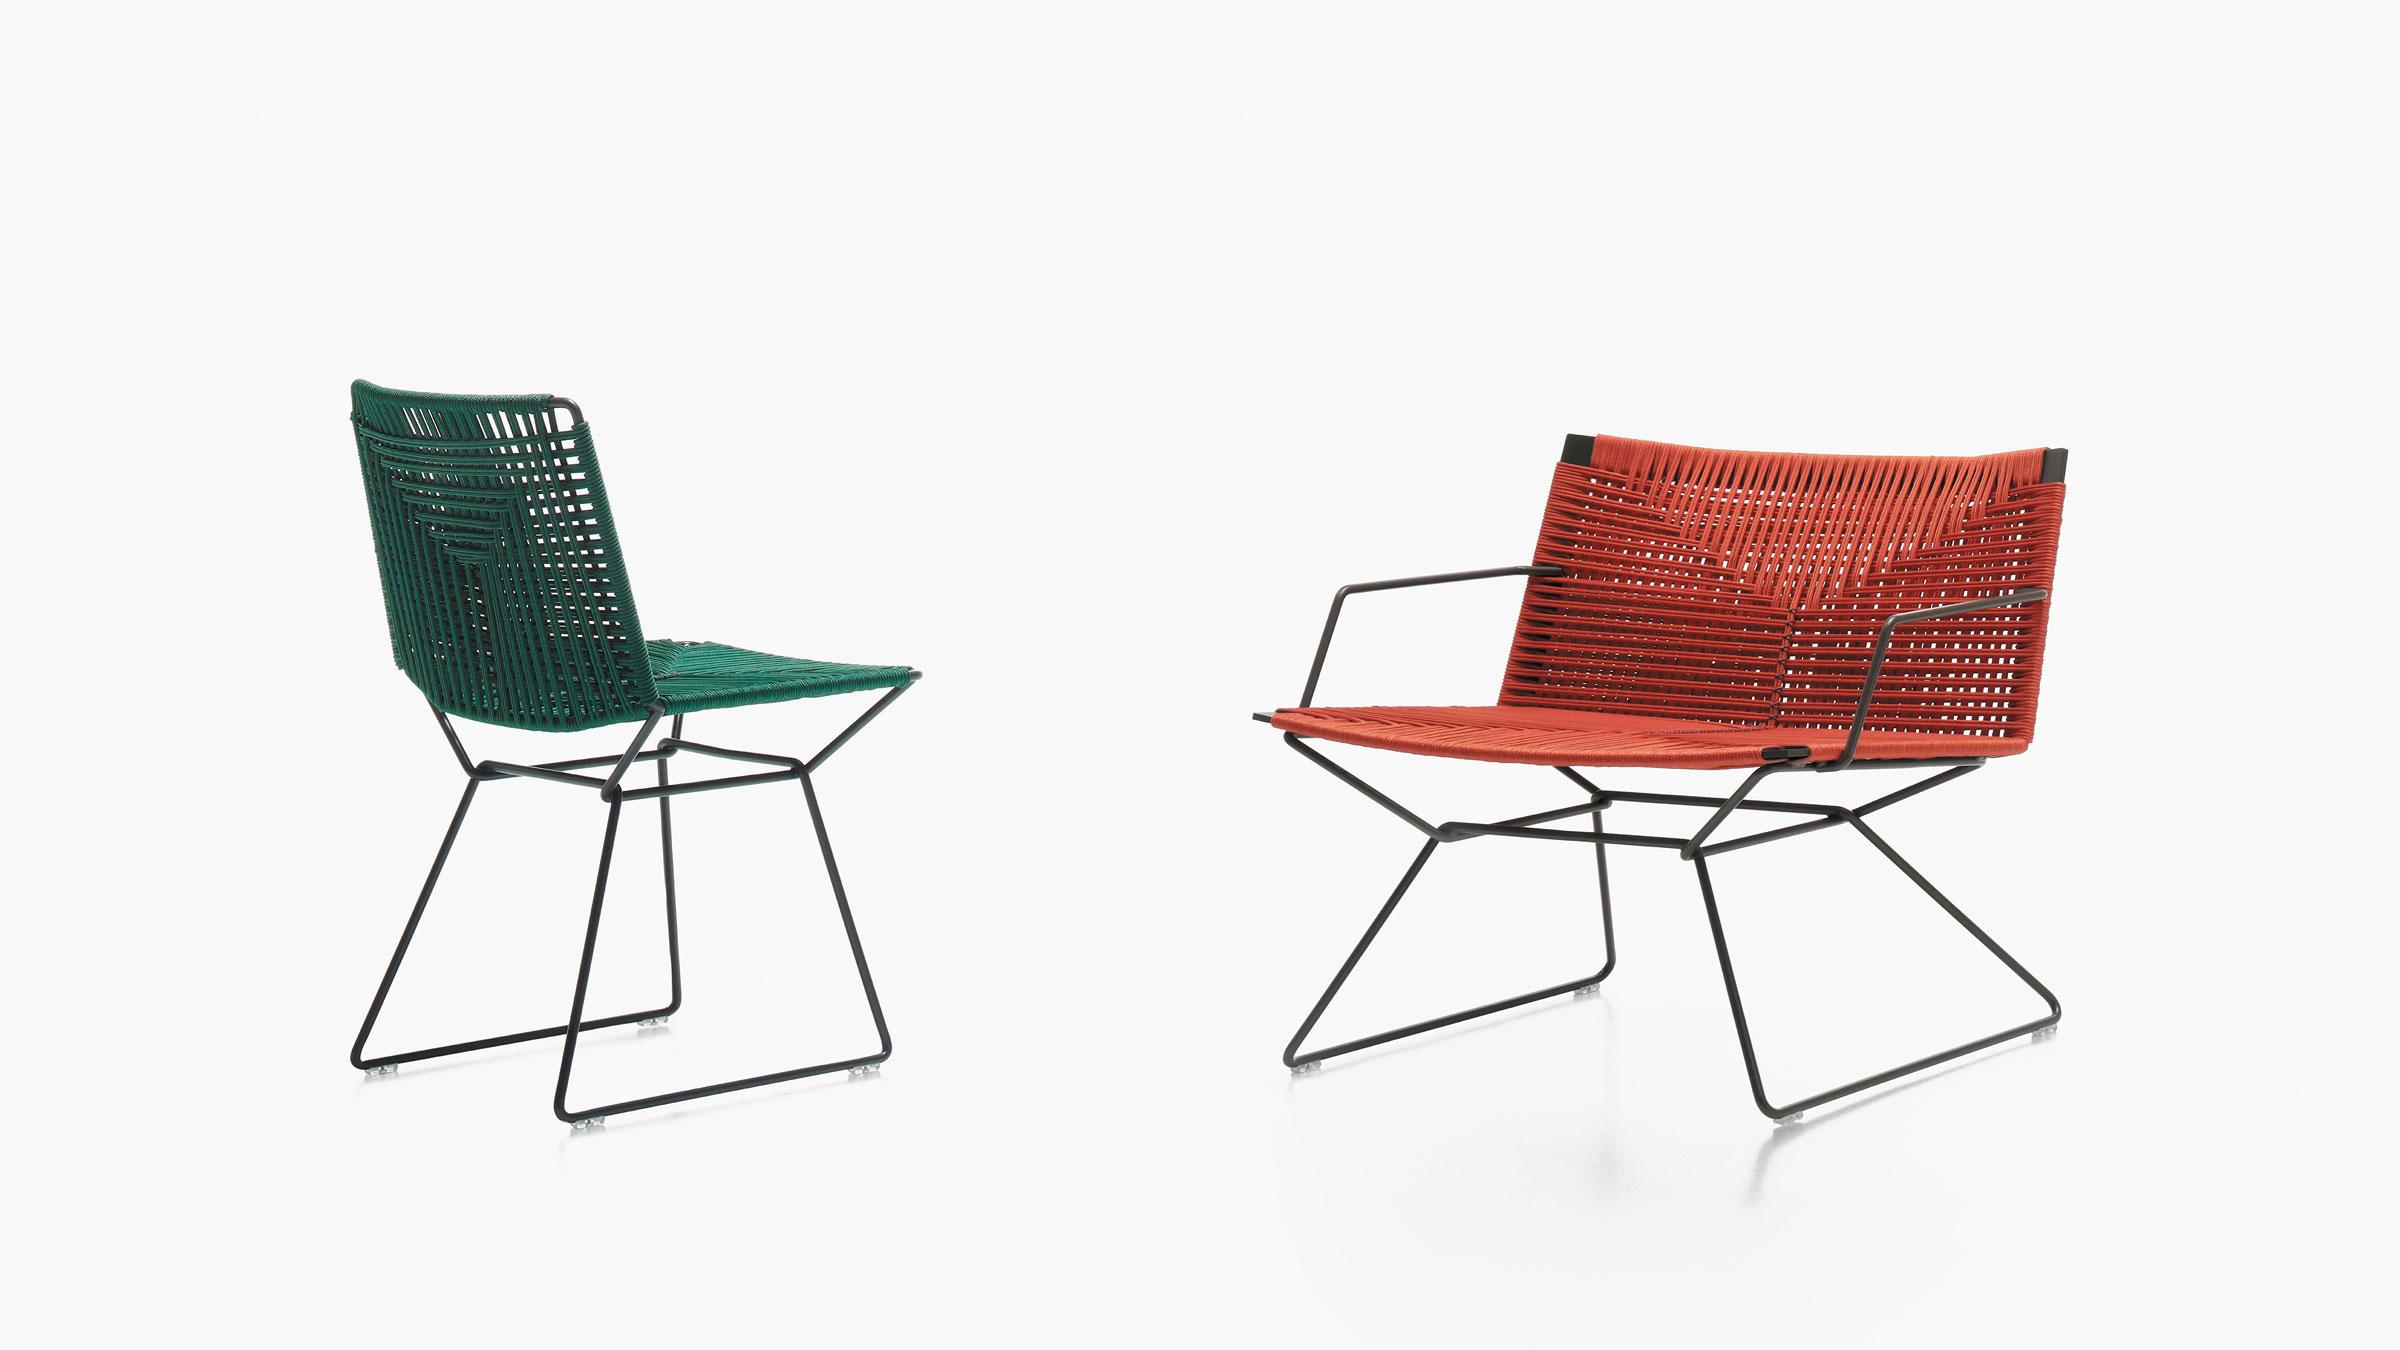 hauser-design-mdf-italia-stuhl-neil-twist-in-dunkelgrün-und-orange